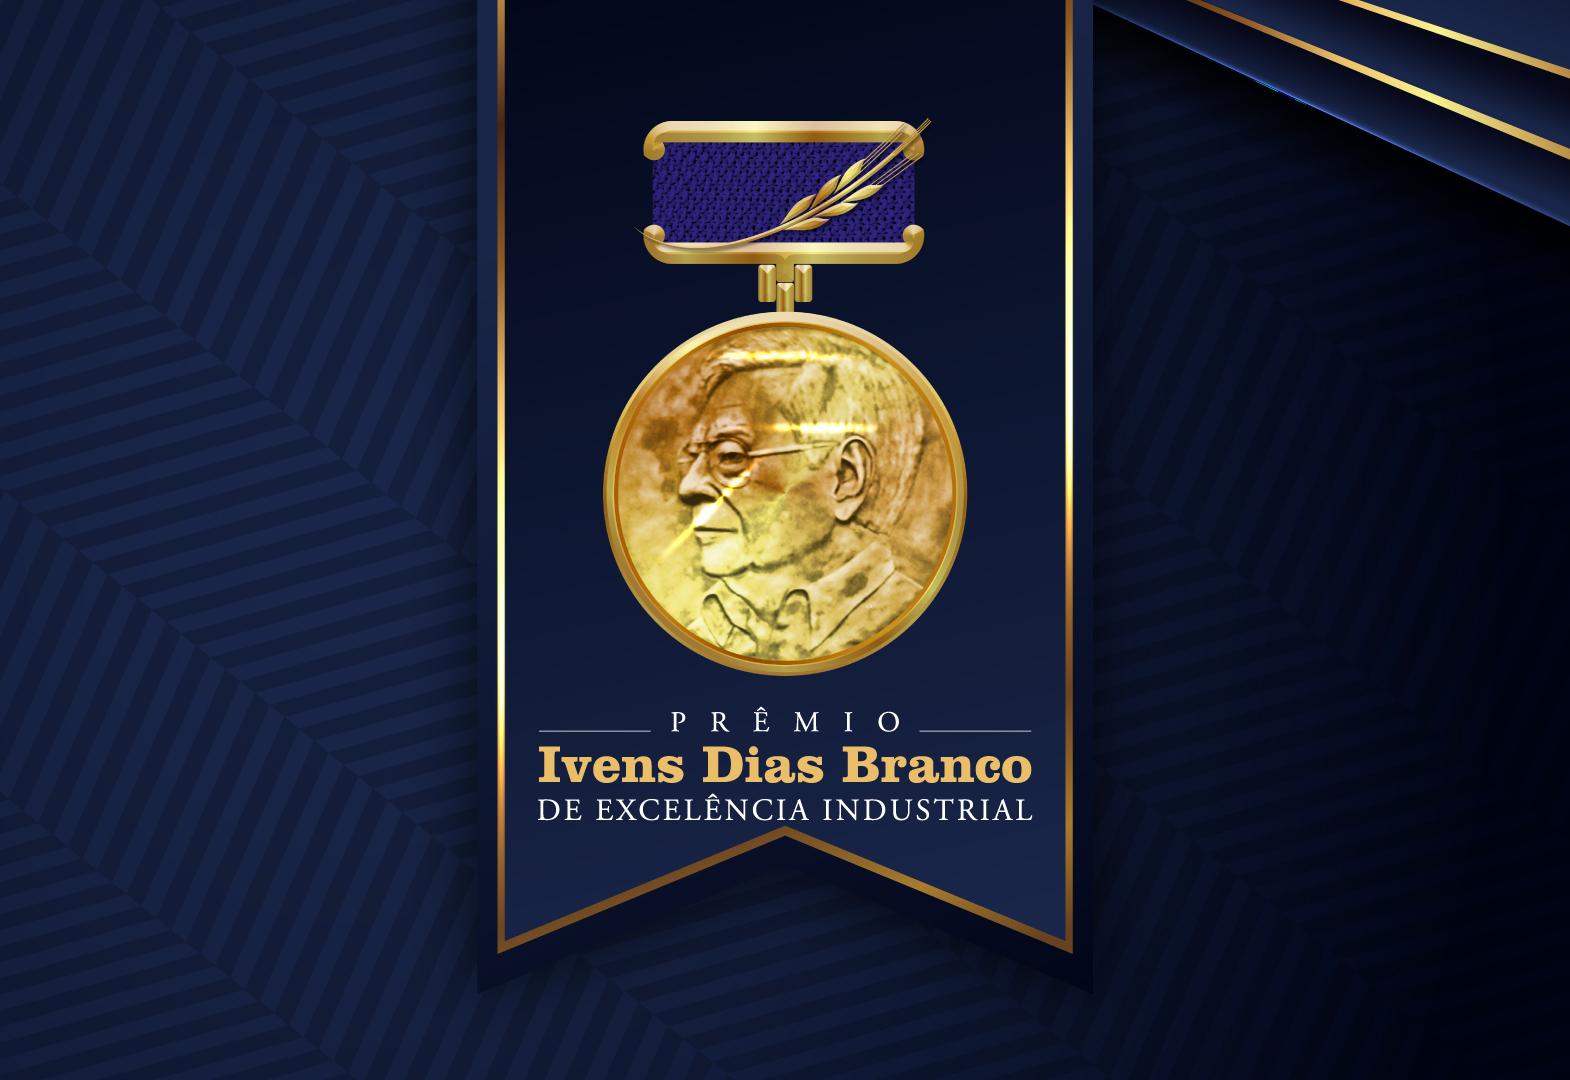 Prêmio Ivens Dias Branco é entregue nas unidades